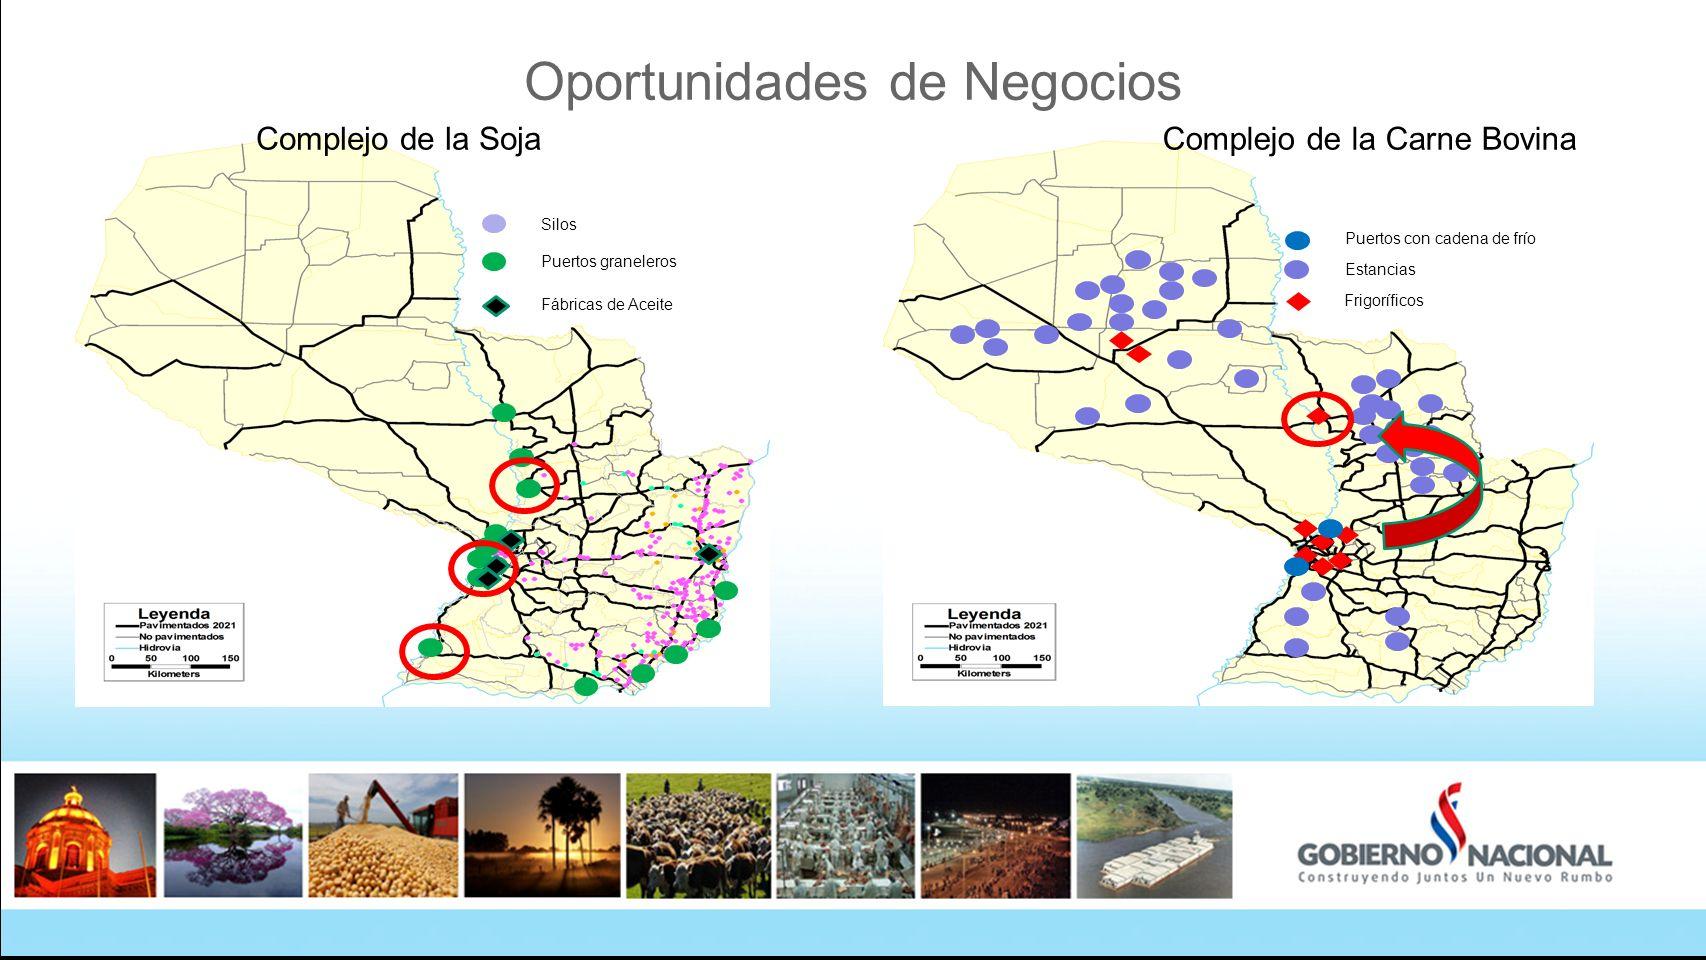 Oportunidades de Negocios Puertos graneleros Silos Fábricas de Aceite Estancias Frigoríficos Puertos con cadena de frío Complejo de la Carne BovinaCom